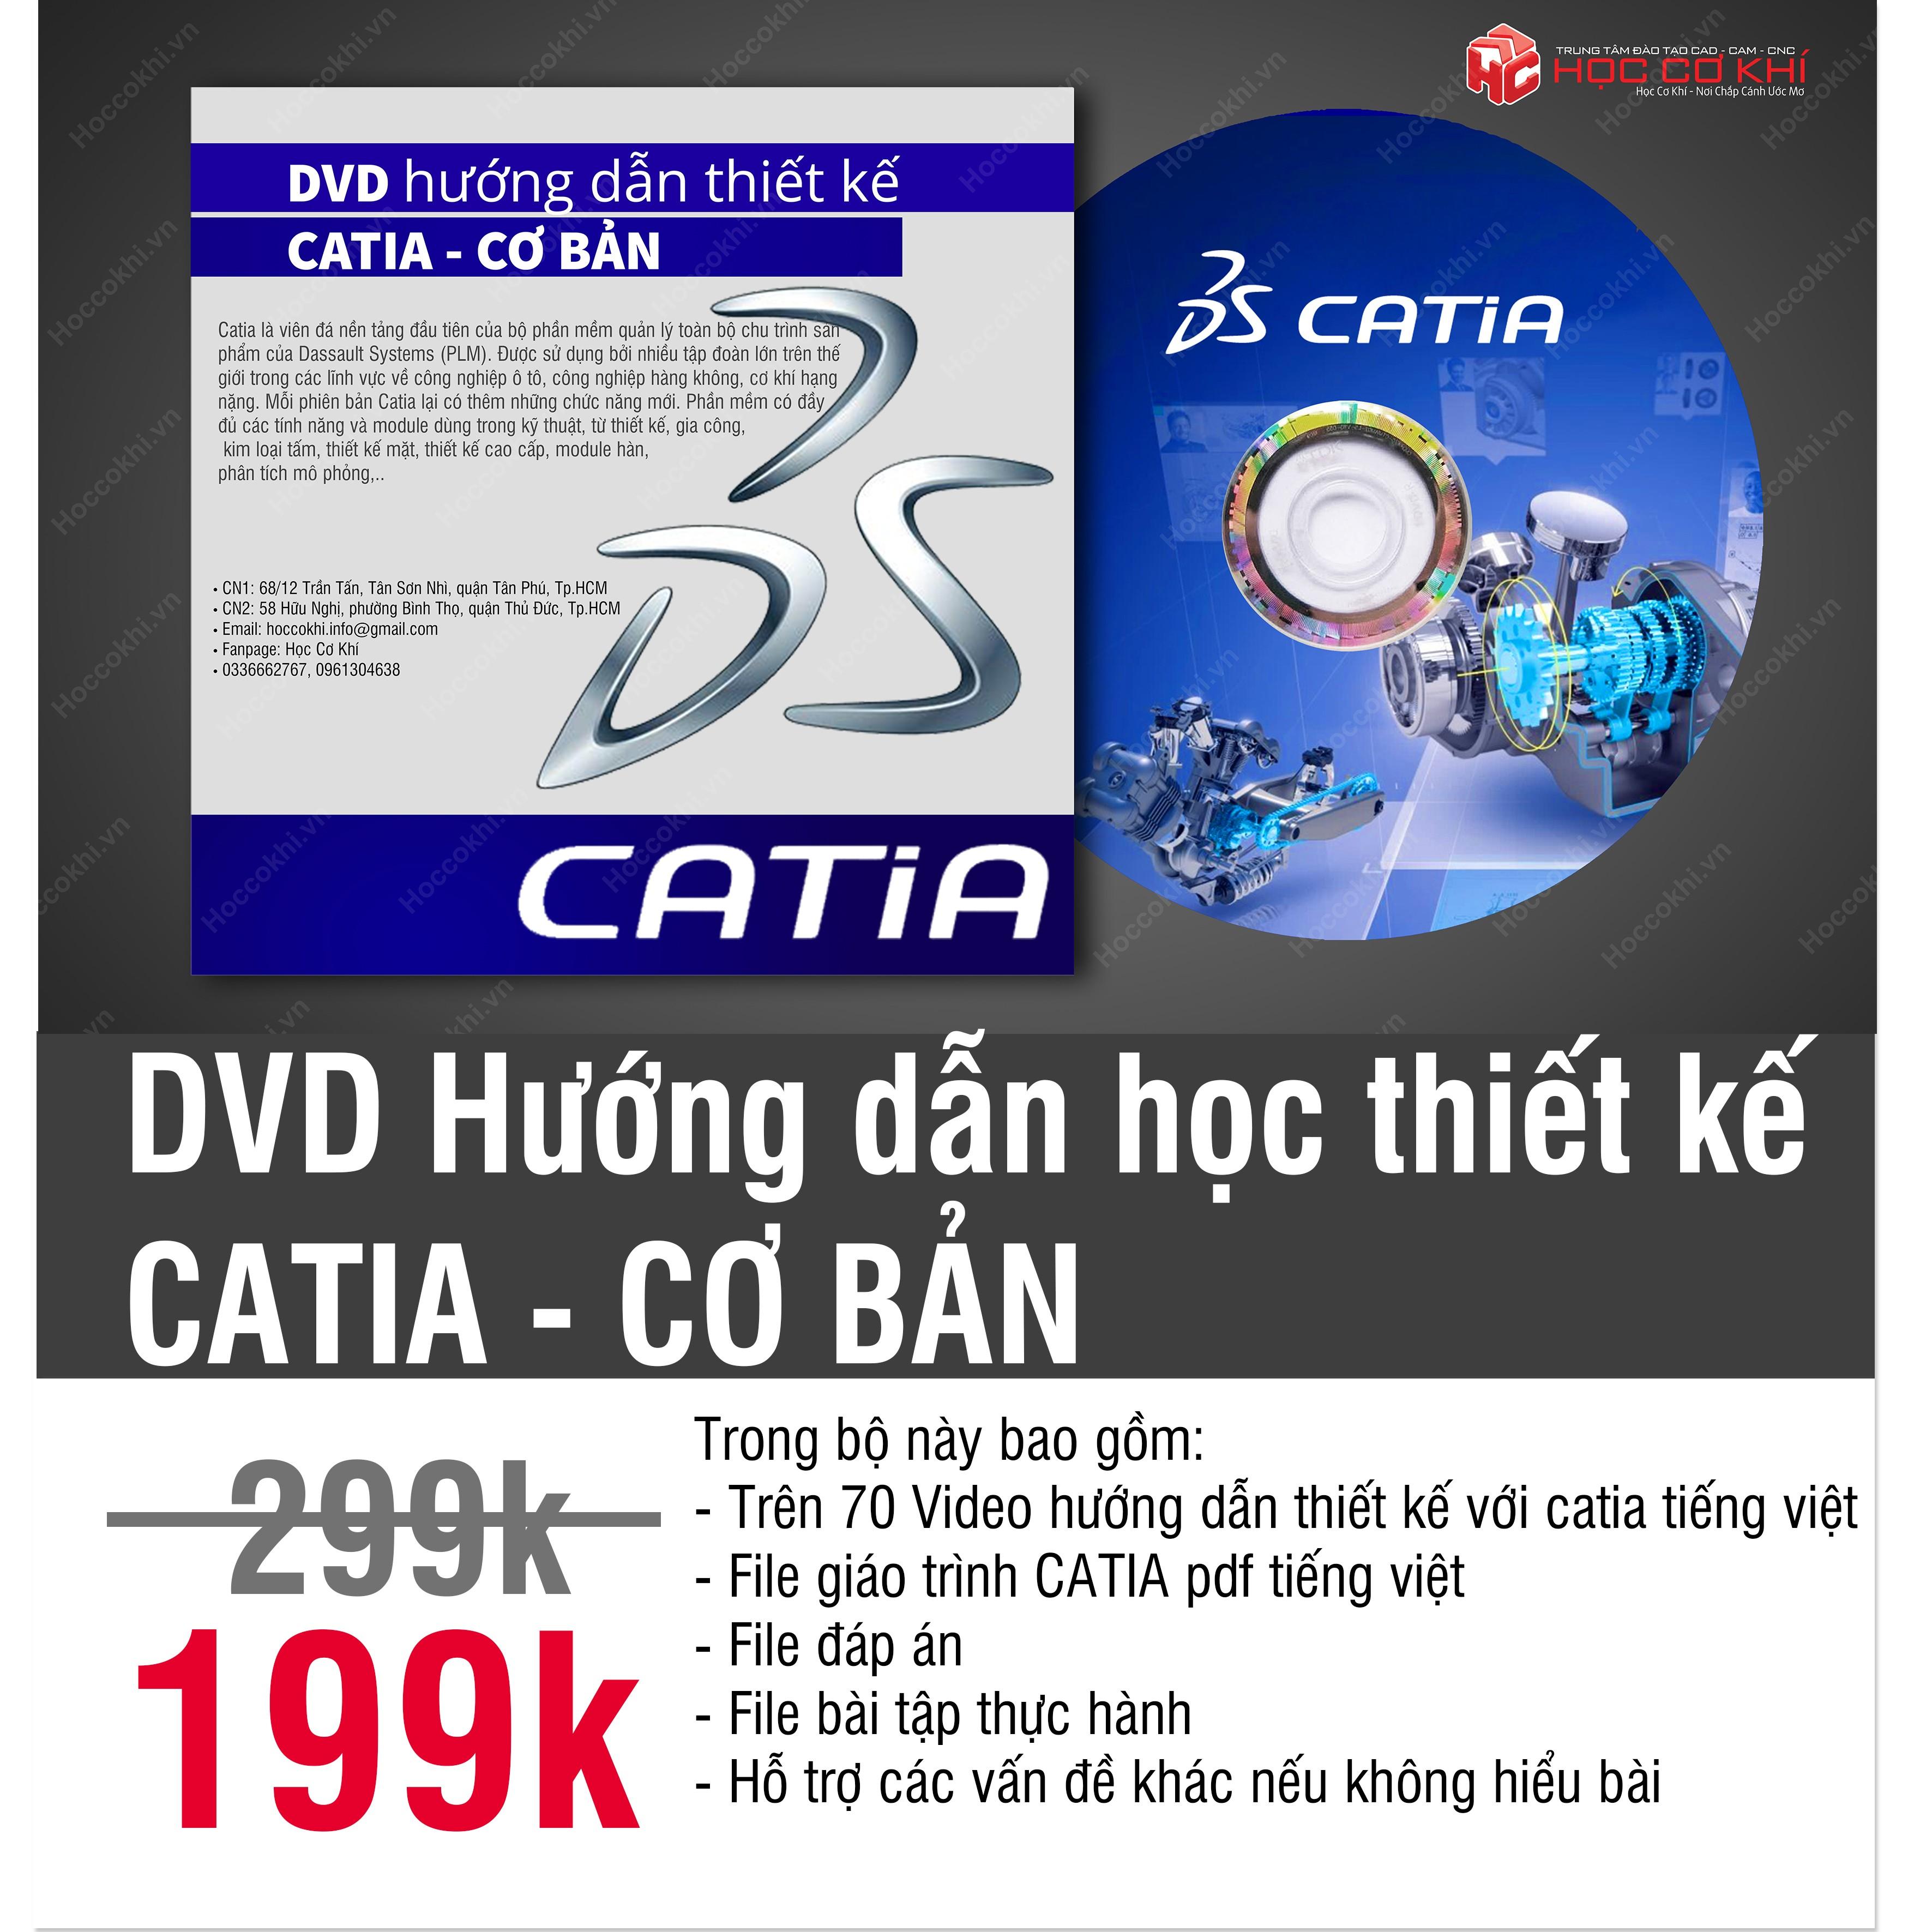 DVD hướng dẫn học thiết kế Catia - CƠ BẢN